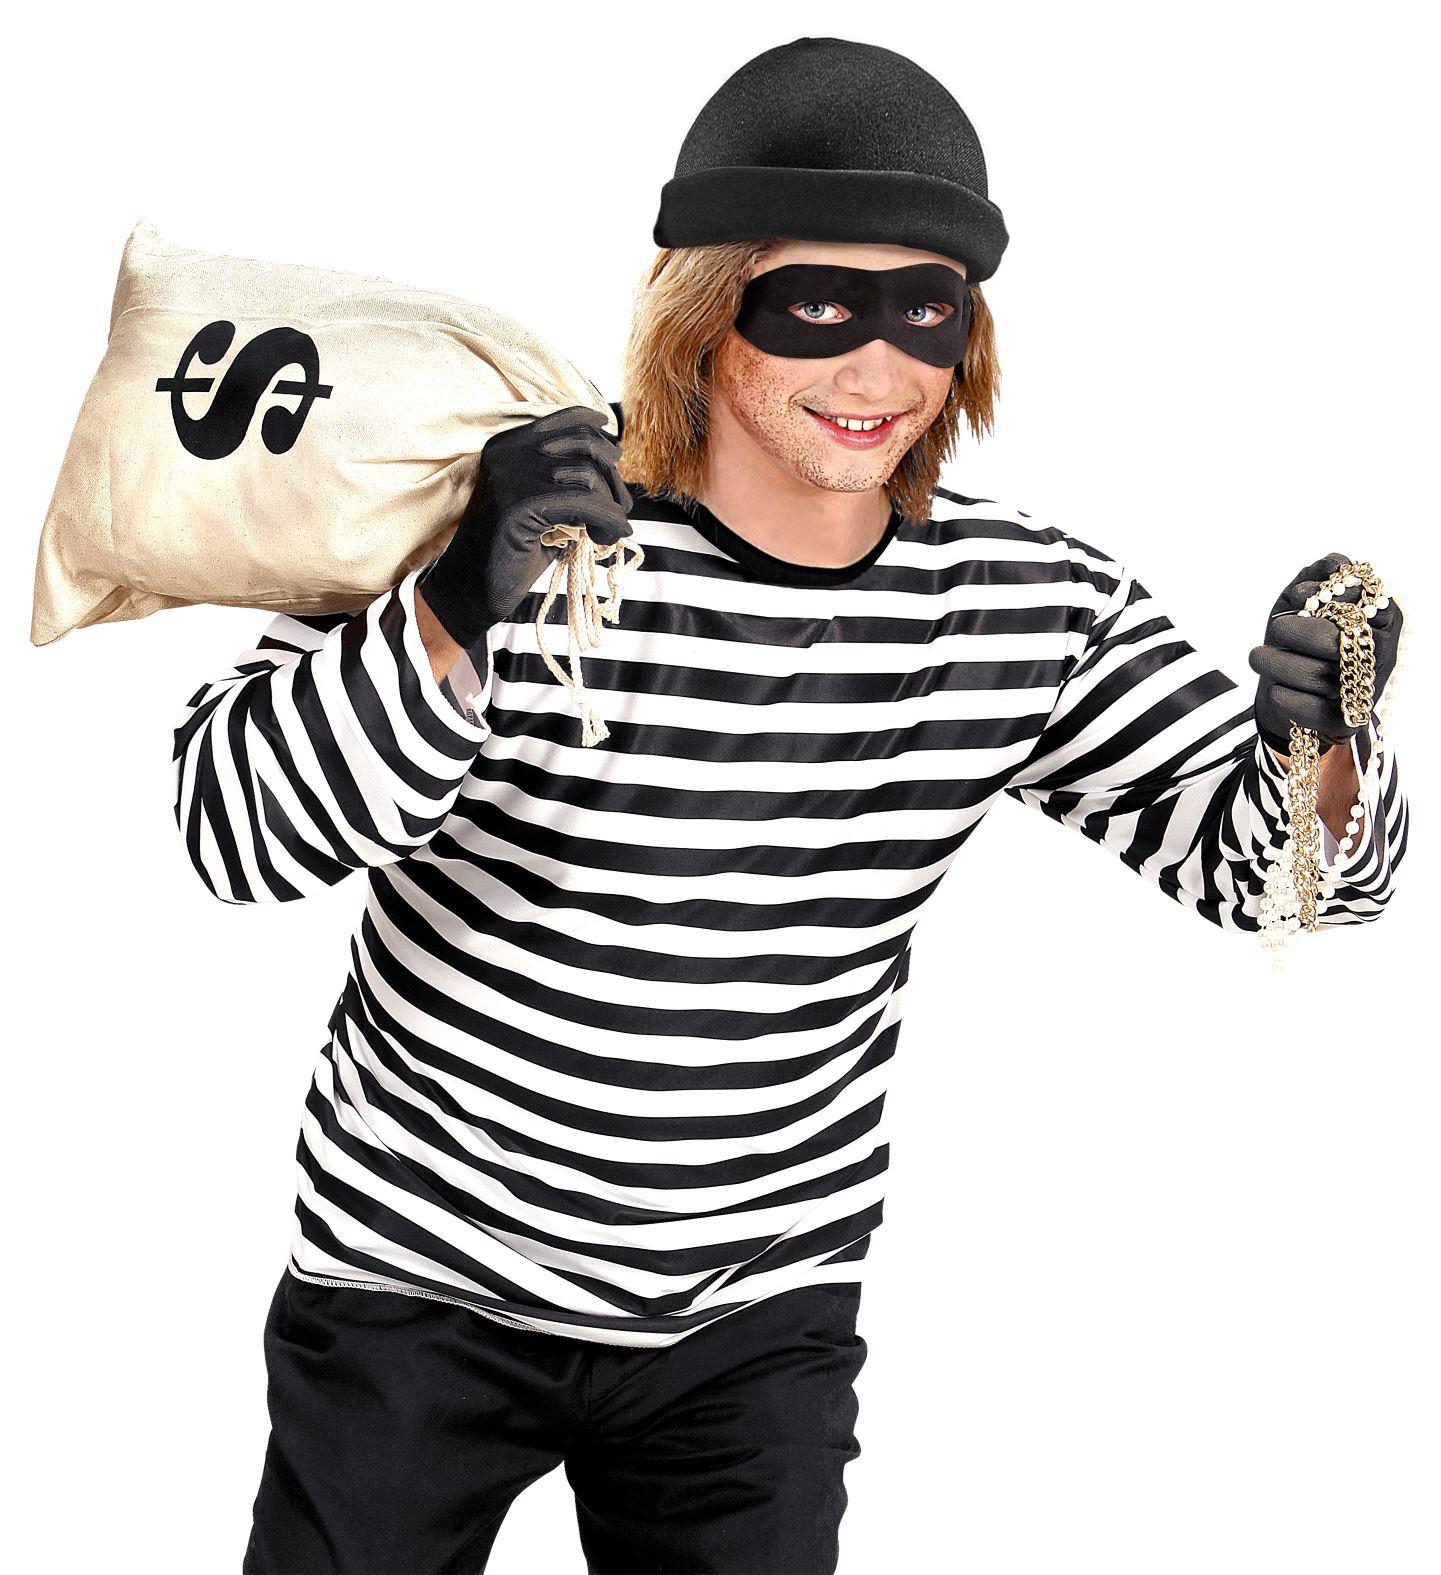 Αποκριάτικο Σέτ Κλέφτη (Μπλούζα ,Μάσκα Και Καπέλο)